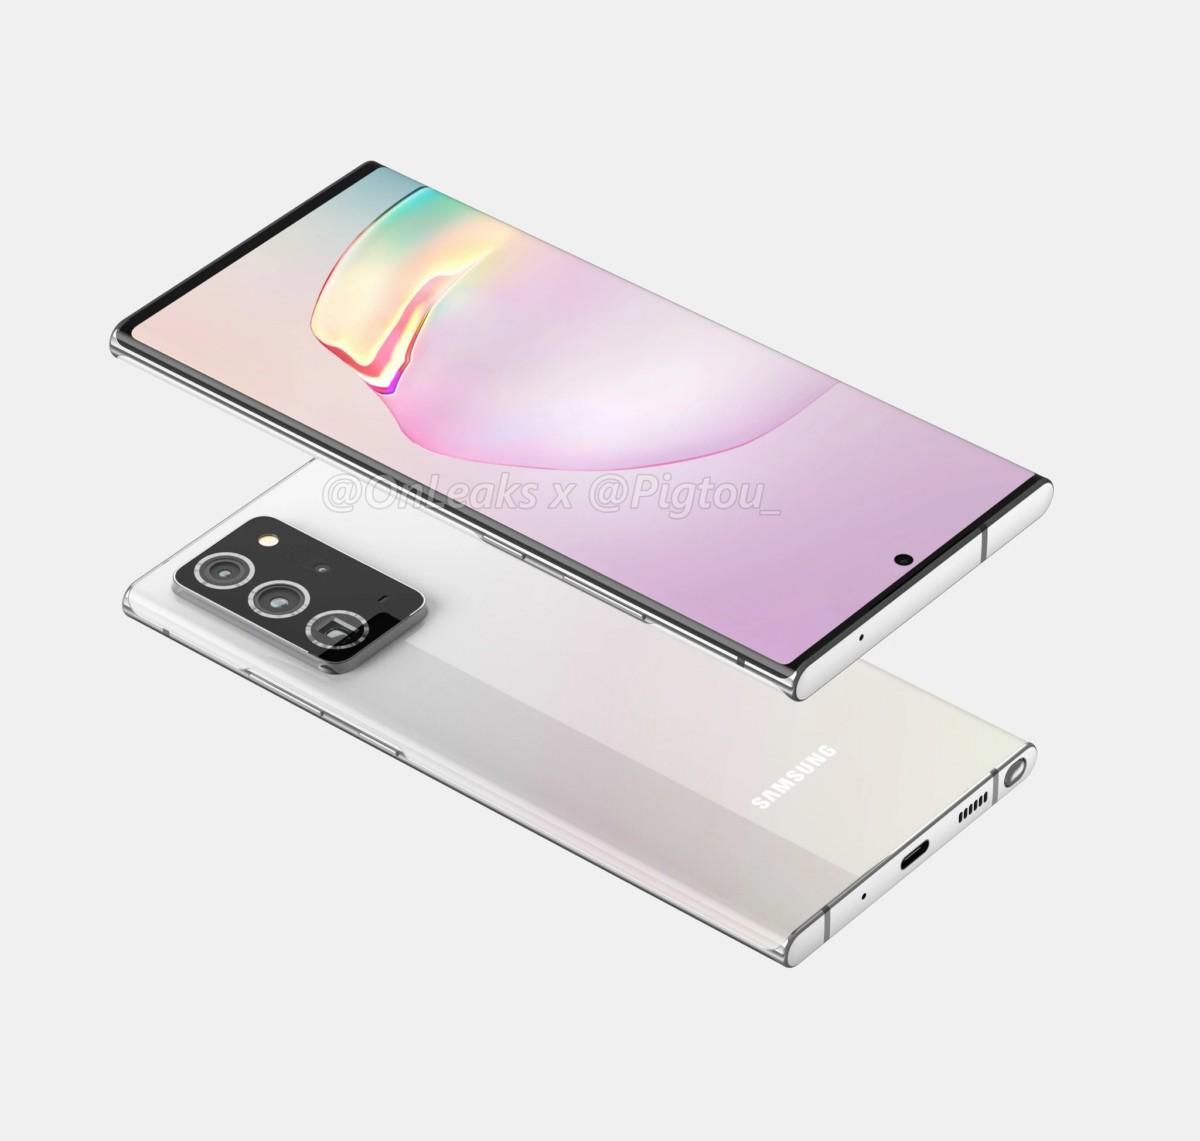 Le Galaxy Note 20 Ultra devrait bien avoir droit à un écran incurvé, contrairement au Note 20